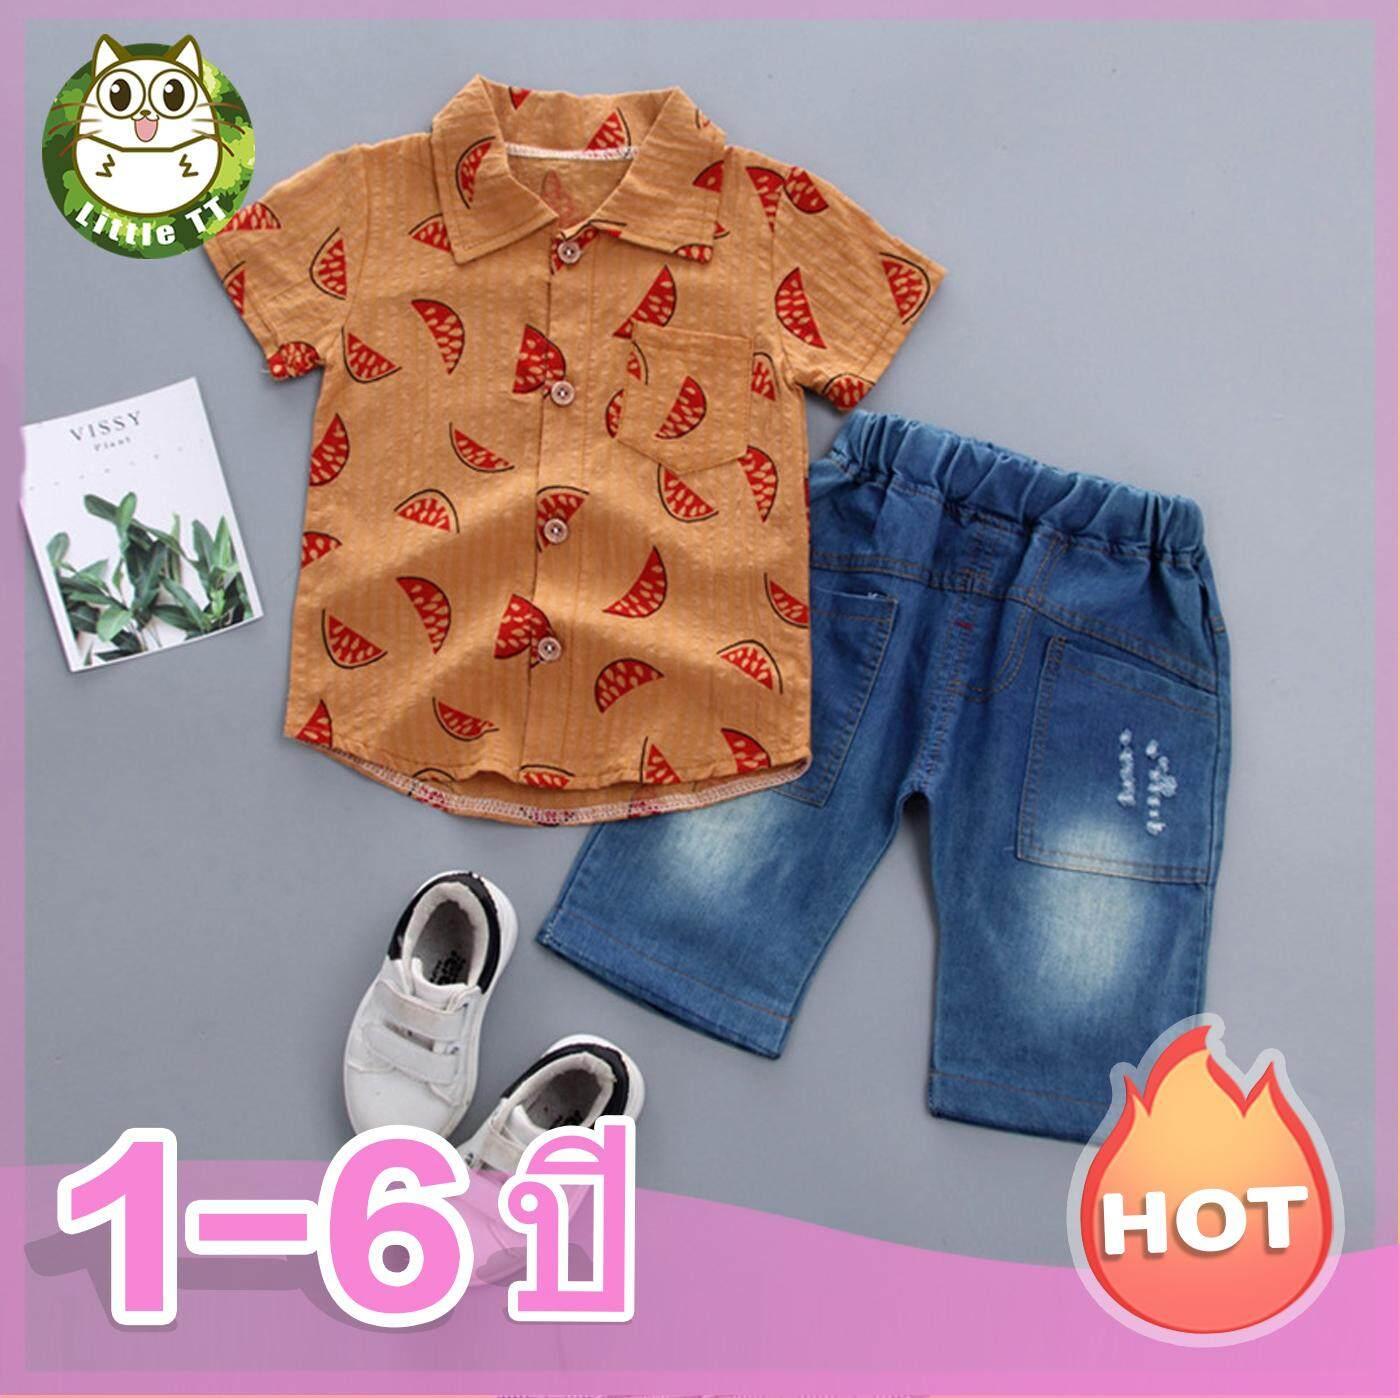 Baby ชุดเซต 2 ชิ้น ชุดเด็ก เสื้อผ้าเด็กเข้าชุด เสื้อเชิ้ต แขนสั้น กระดุมหน้า (แบบแผน) + กางเกงเอวยางยืด (กางเกงขาสั้นผ้าเดนิม) เด็กอายุ 1 ~ 6 ปี